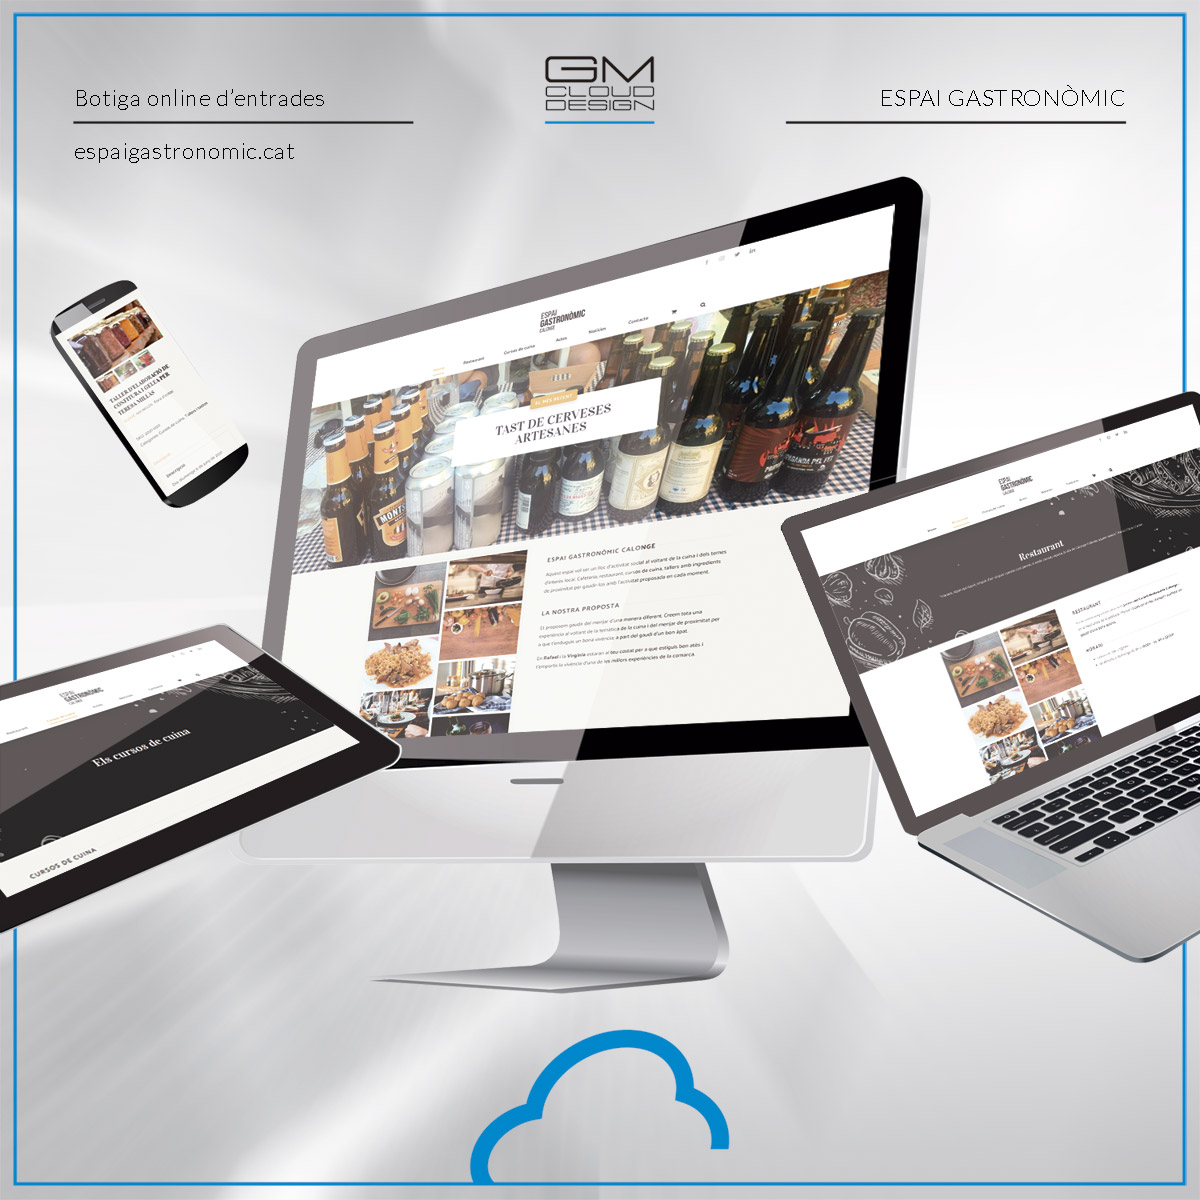 Muntatge de la botiga online espaigastronomic.cat